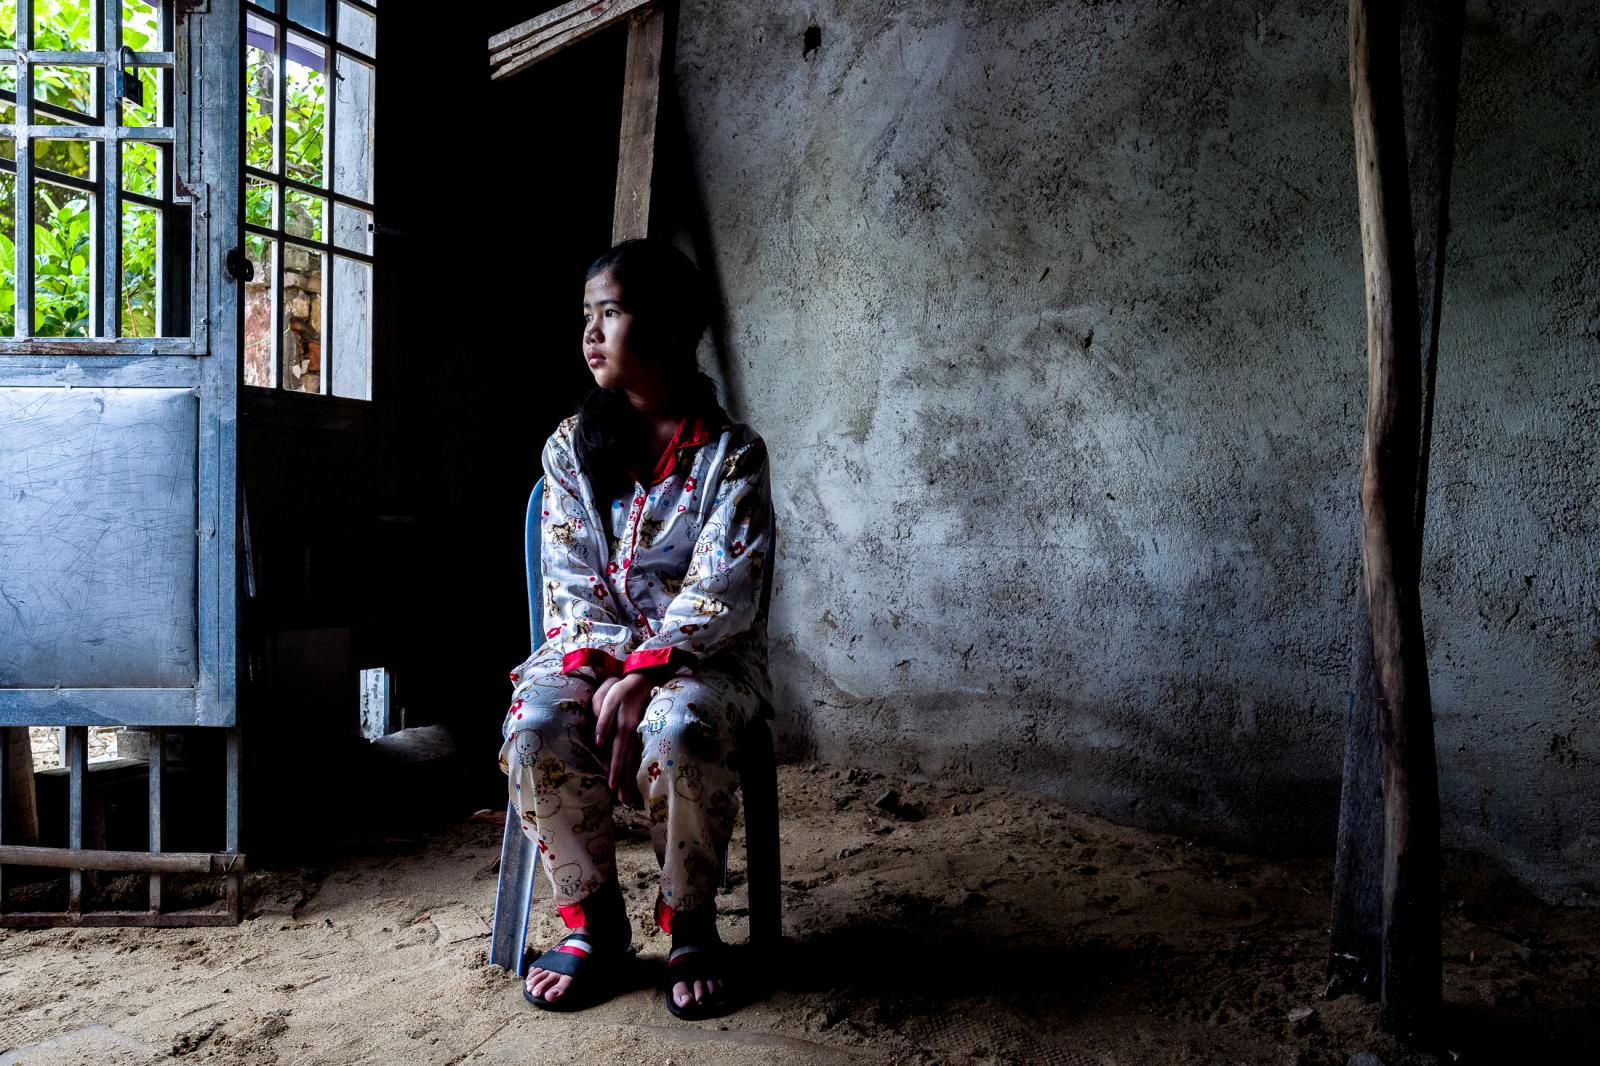 Photography image - Loading 002_Tep-Vanny-Cambodia-Omar-Havana.jpg